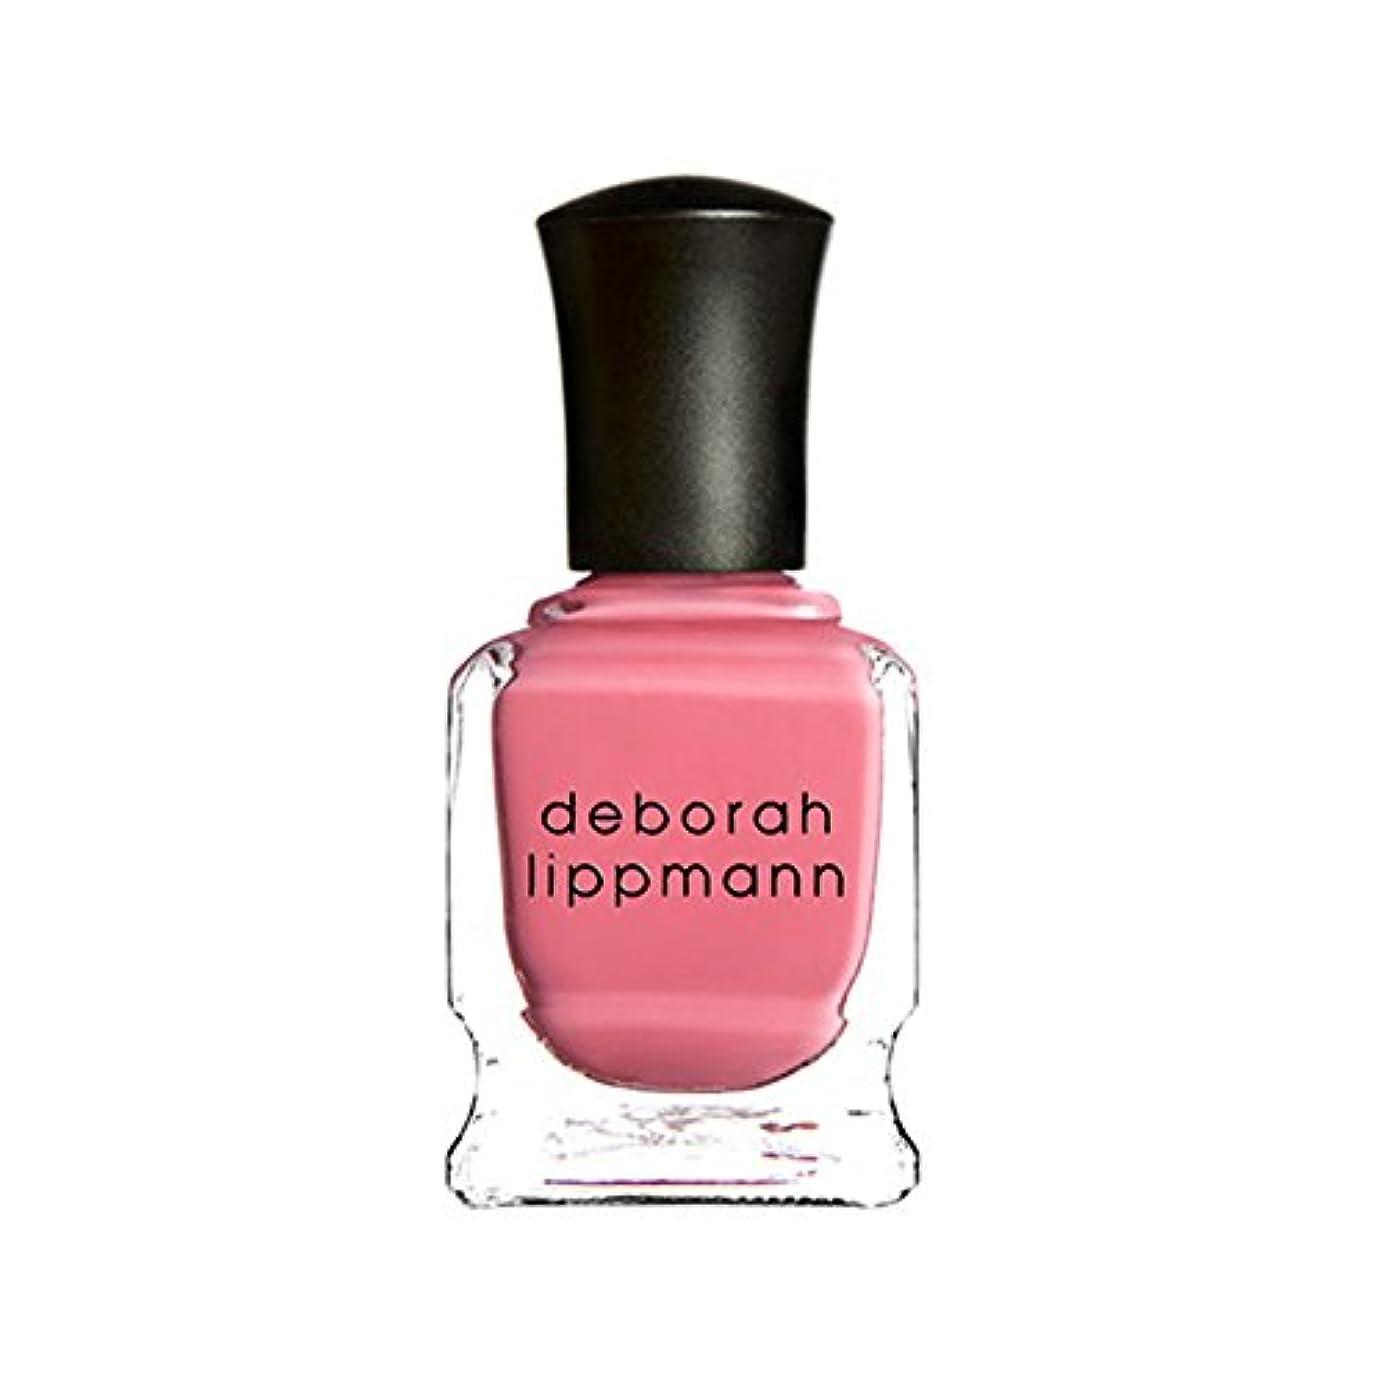 隣人アクセントプレート[Deborah Lippmann] デボラリップマン ポリッシュ デイトリッパー DAYTRIPPER ピンク系 15mL